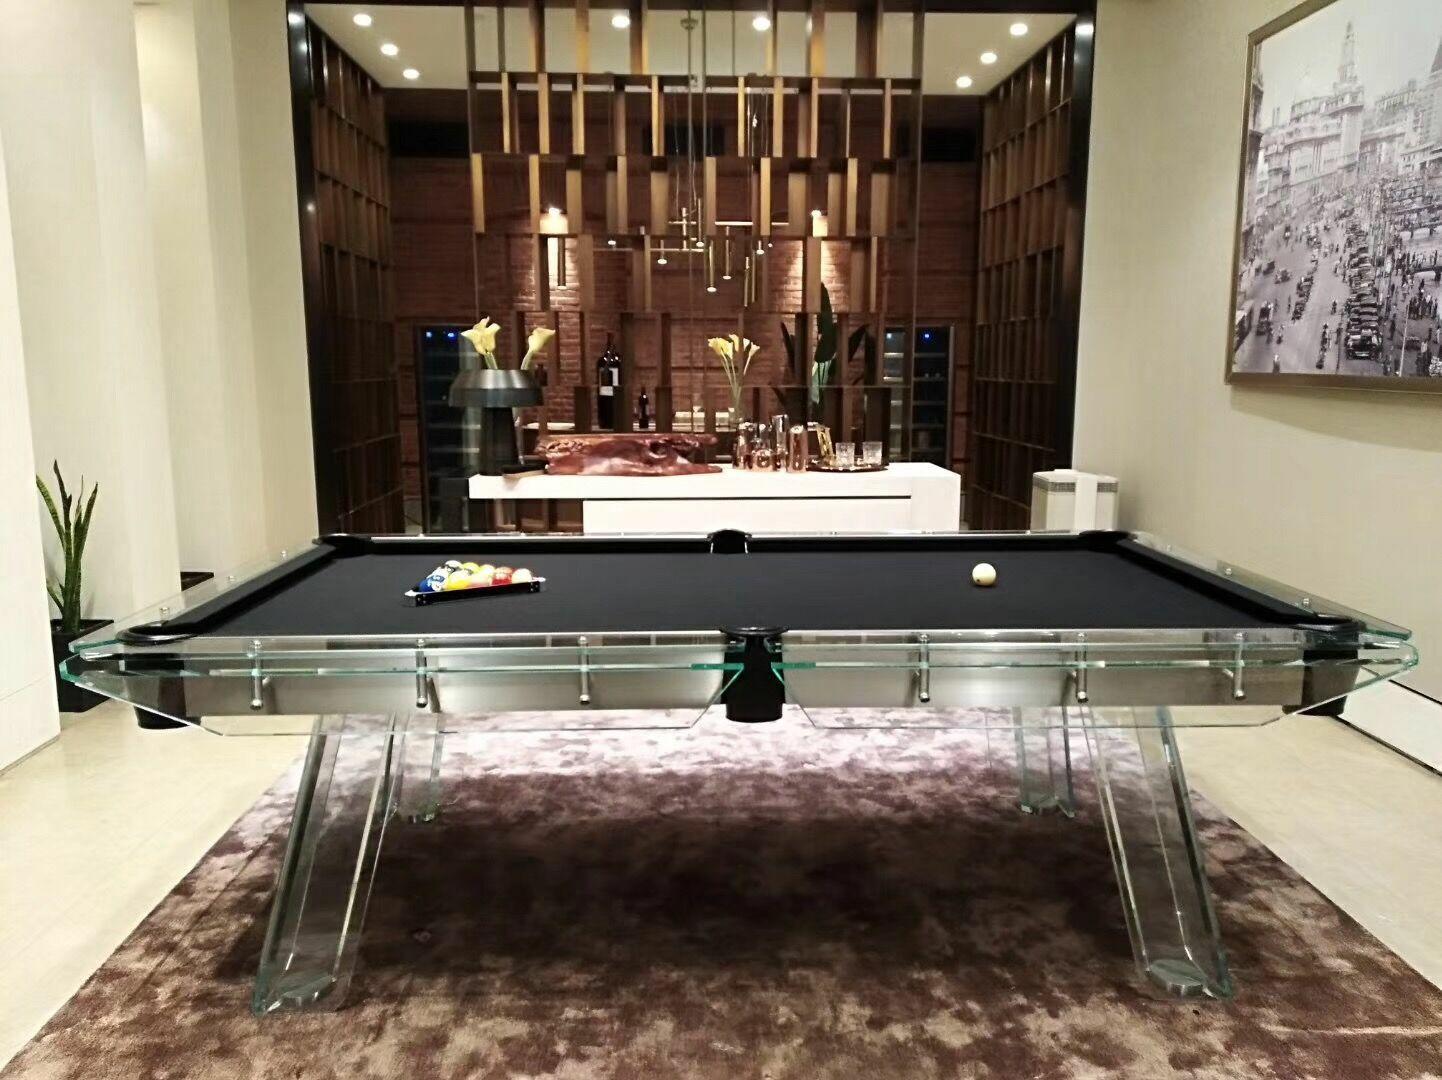 NKD--008私人订制台球桌